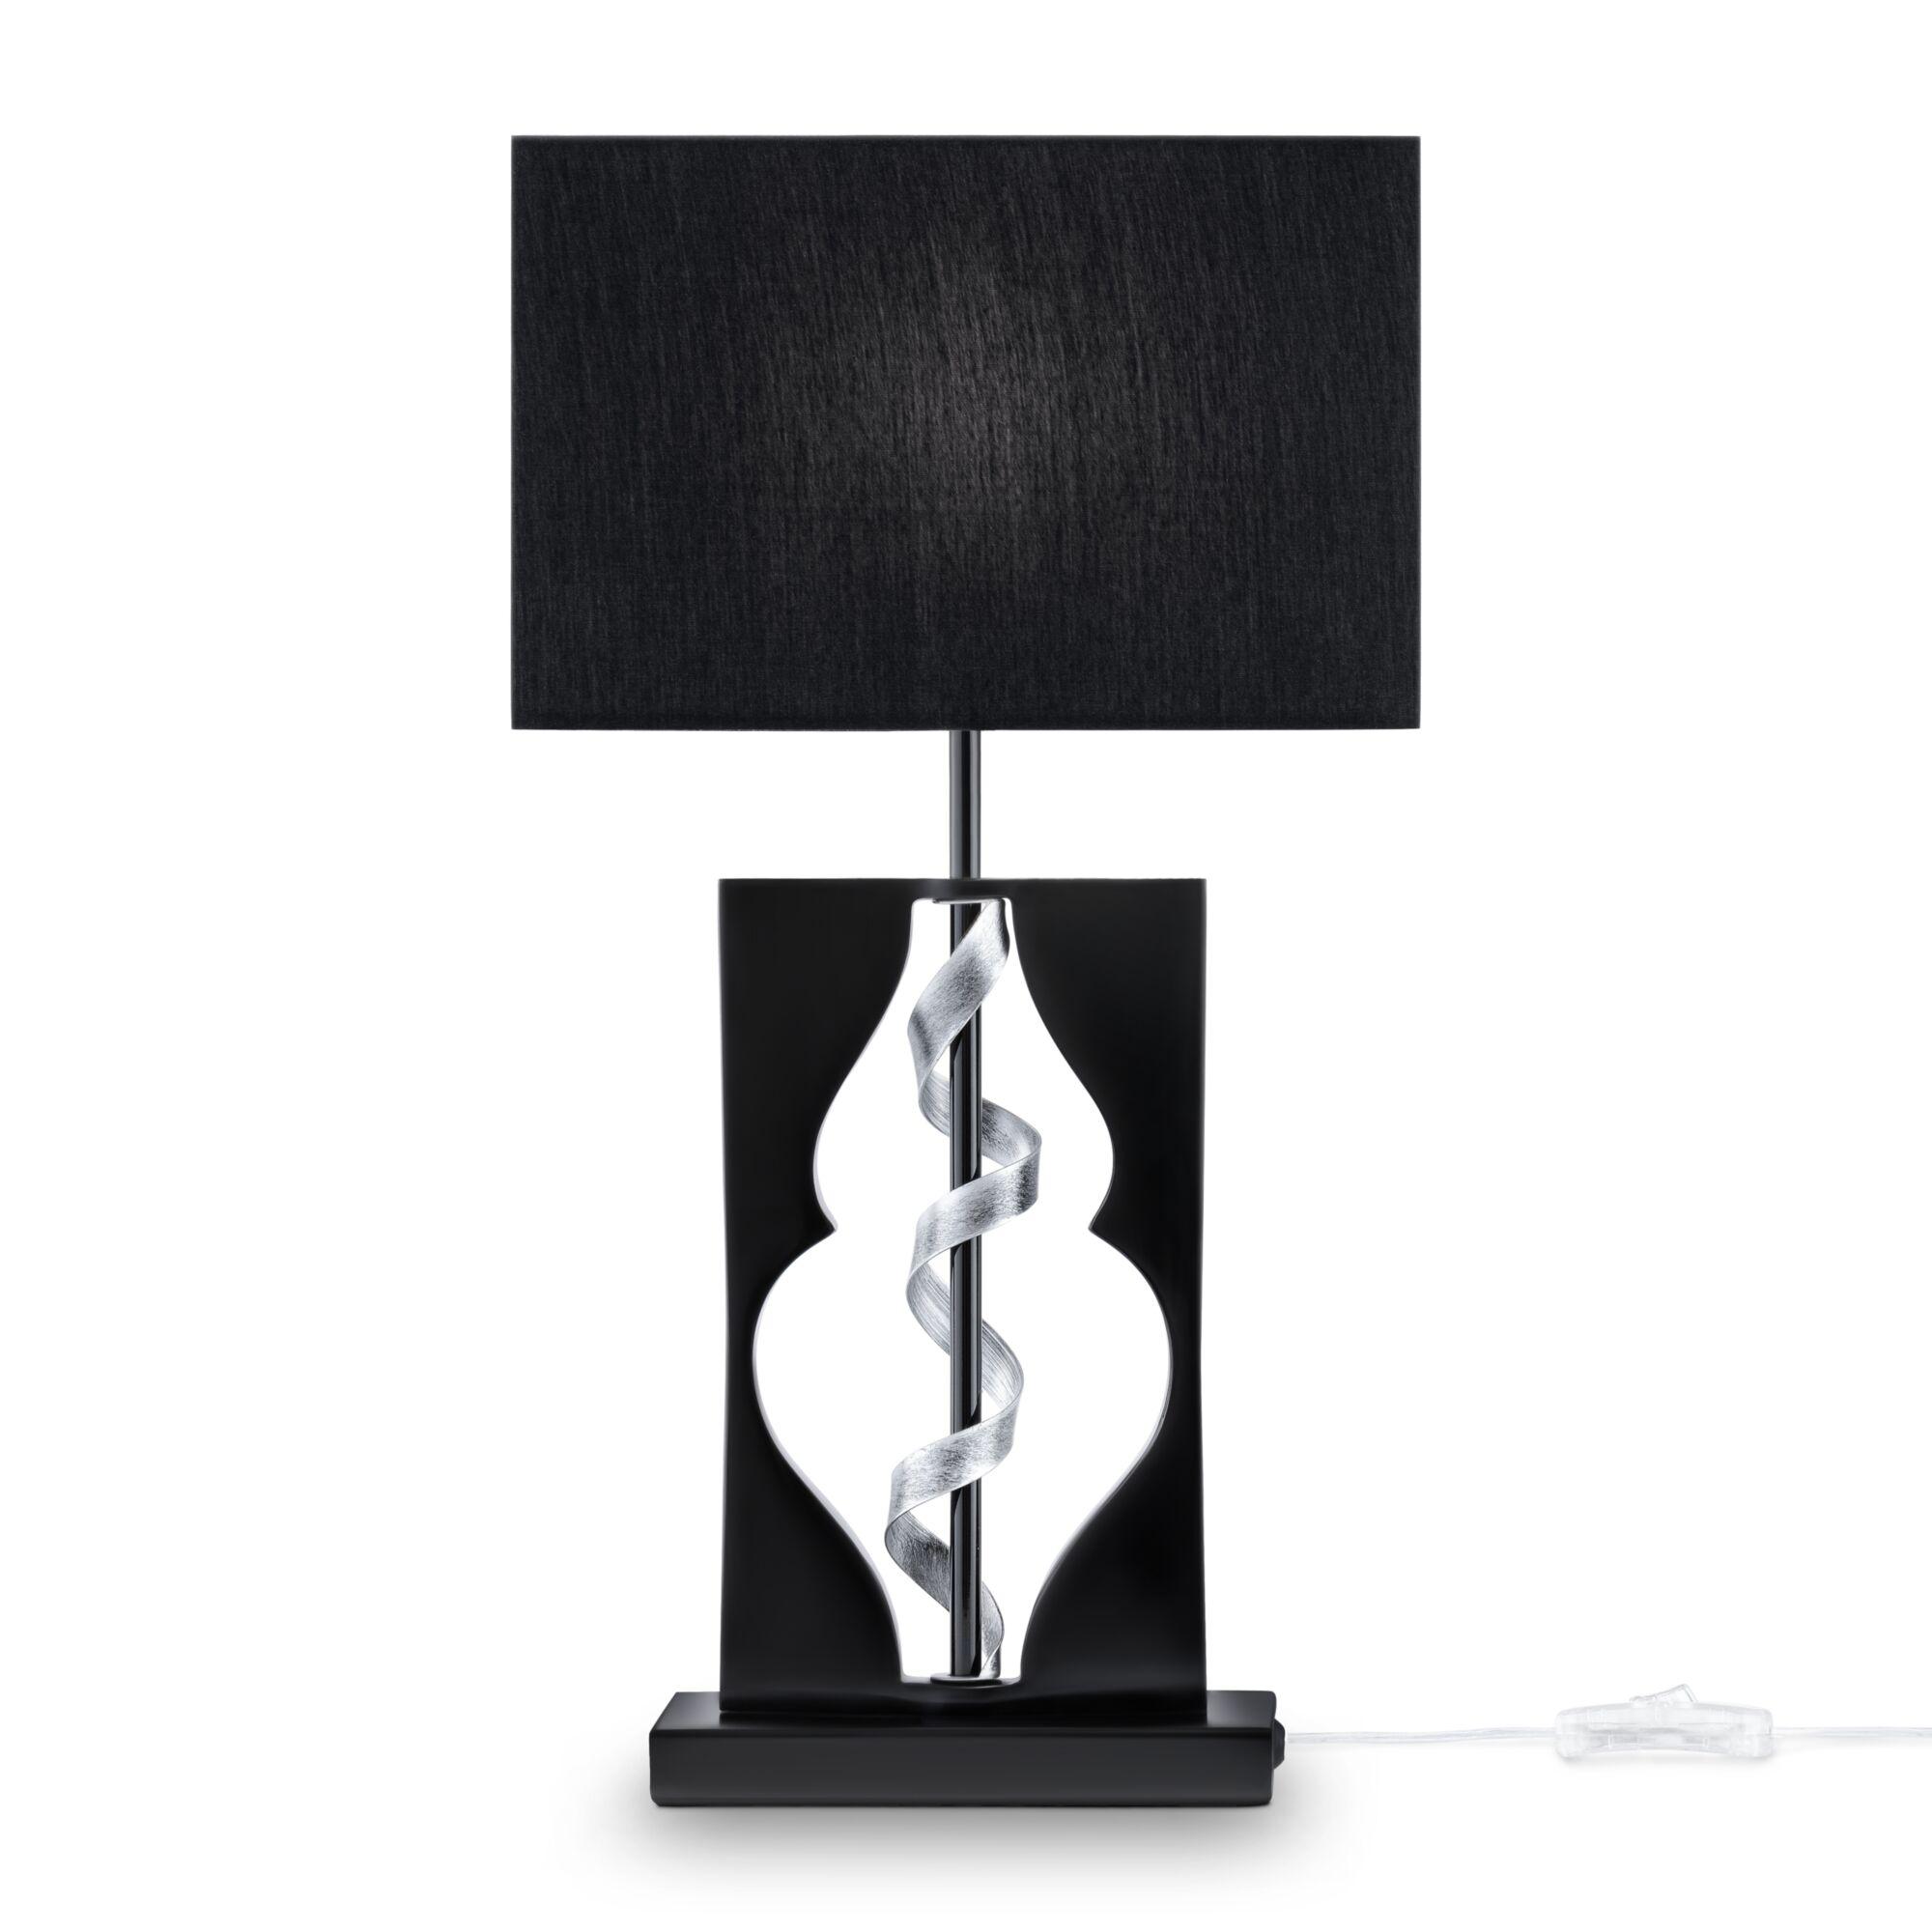 Настольная лампа Maytoni ARM010-11-R черный/хром 1хE14х40W настольная лампа maytoni intreccio arm010 11 r 40 вт